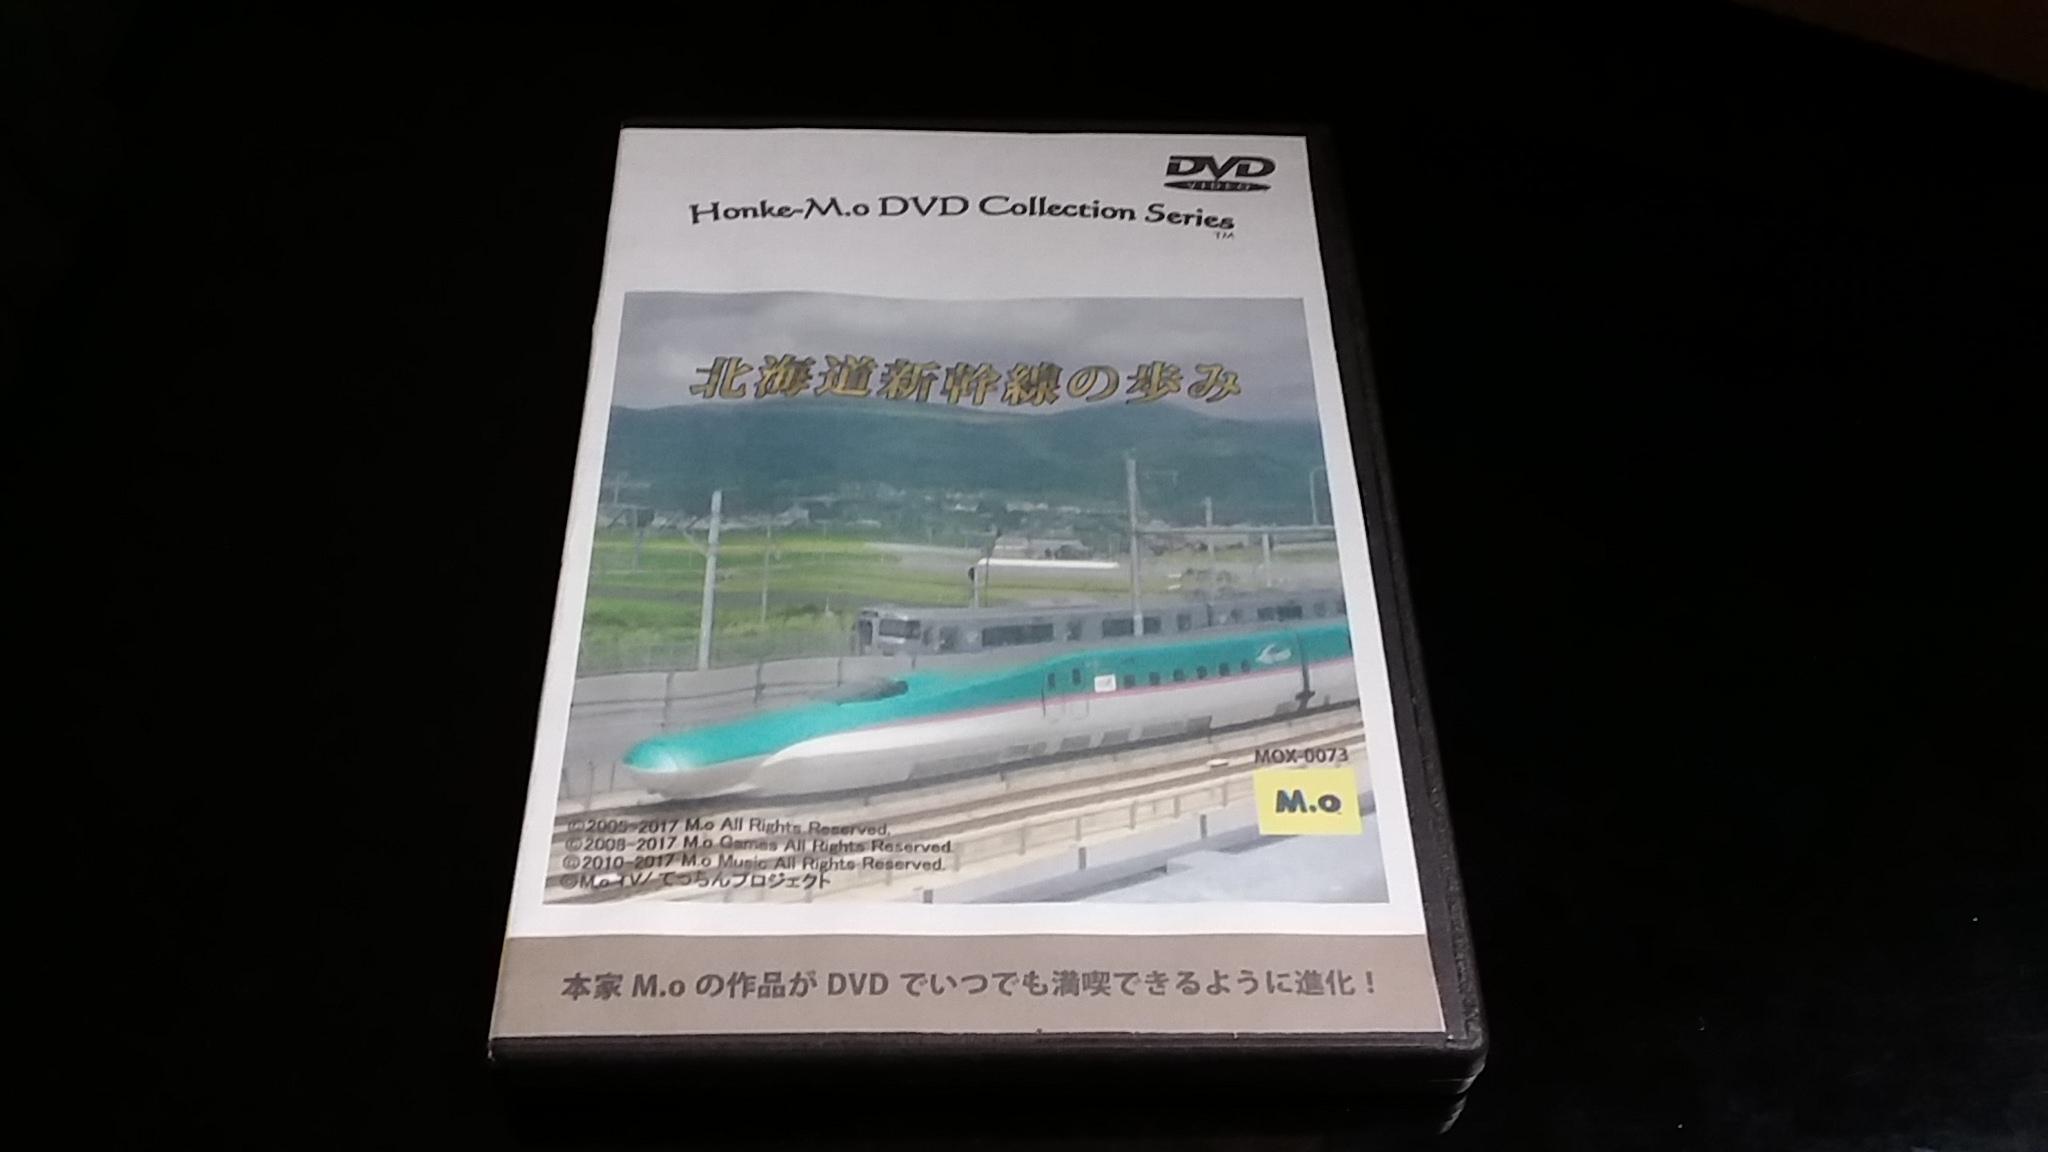 本家M.o初のDVD作品として、2017年4月に発売したものです。<div>北海道新幹線の開業前の貴重な映像から開業後の光景までを収録!</div><div>その他、本作オリジナルの特典映像として東北・北海道新幹線の車窓を堪能できる作品やDVD版とブルーレイ版のみに収録された夜の車窓を満喫できる完全新作「東北新幹線の夜」も収録!</div><div>その他、オンラインサービス「本家M.o お楽しみコード交換所」で使用できる「お楽しみコード」も封入!</div><div>全ての鉄道ファン待望のDVDが登場!</div>